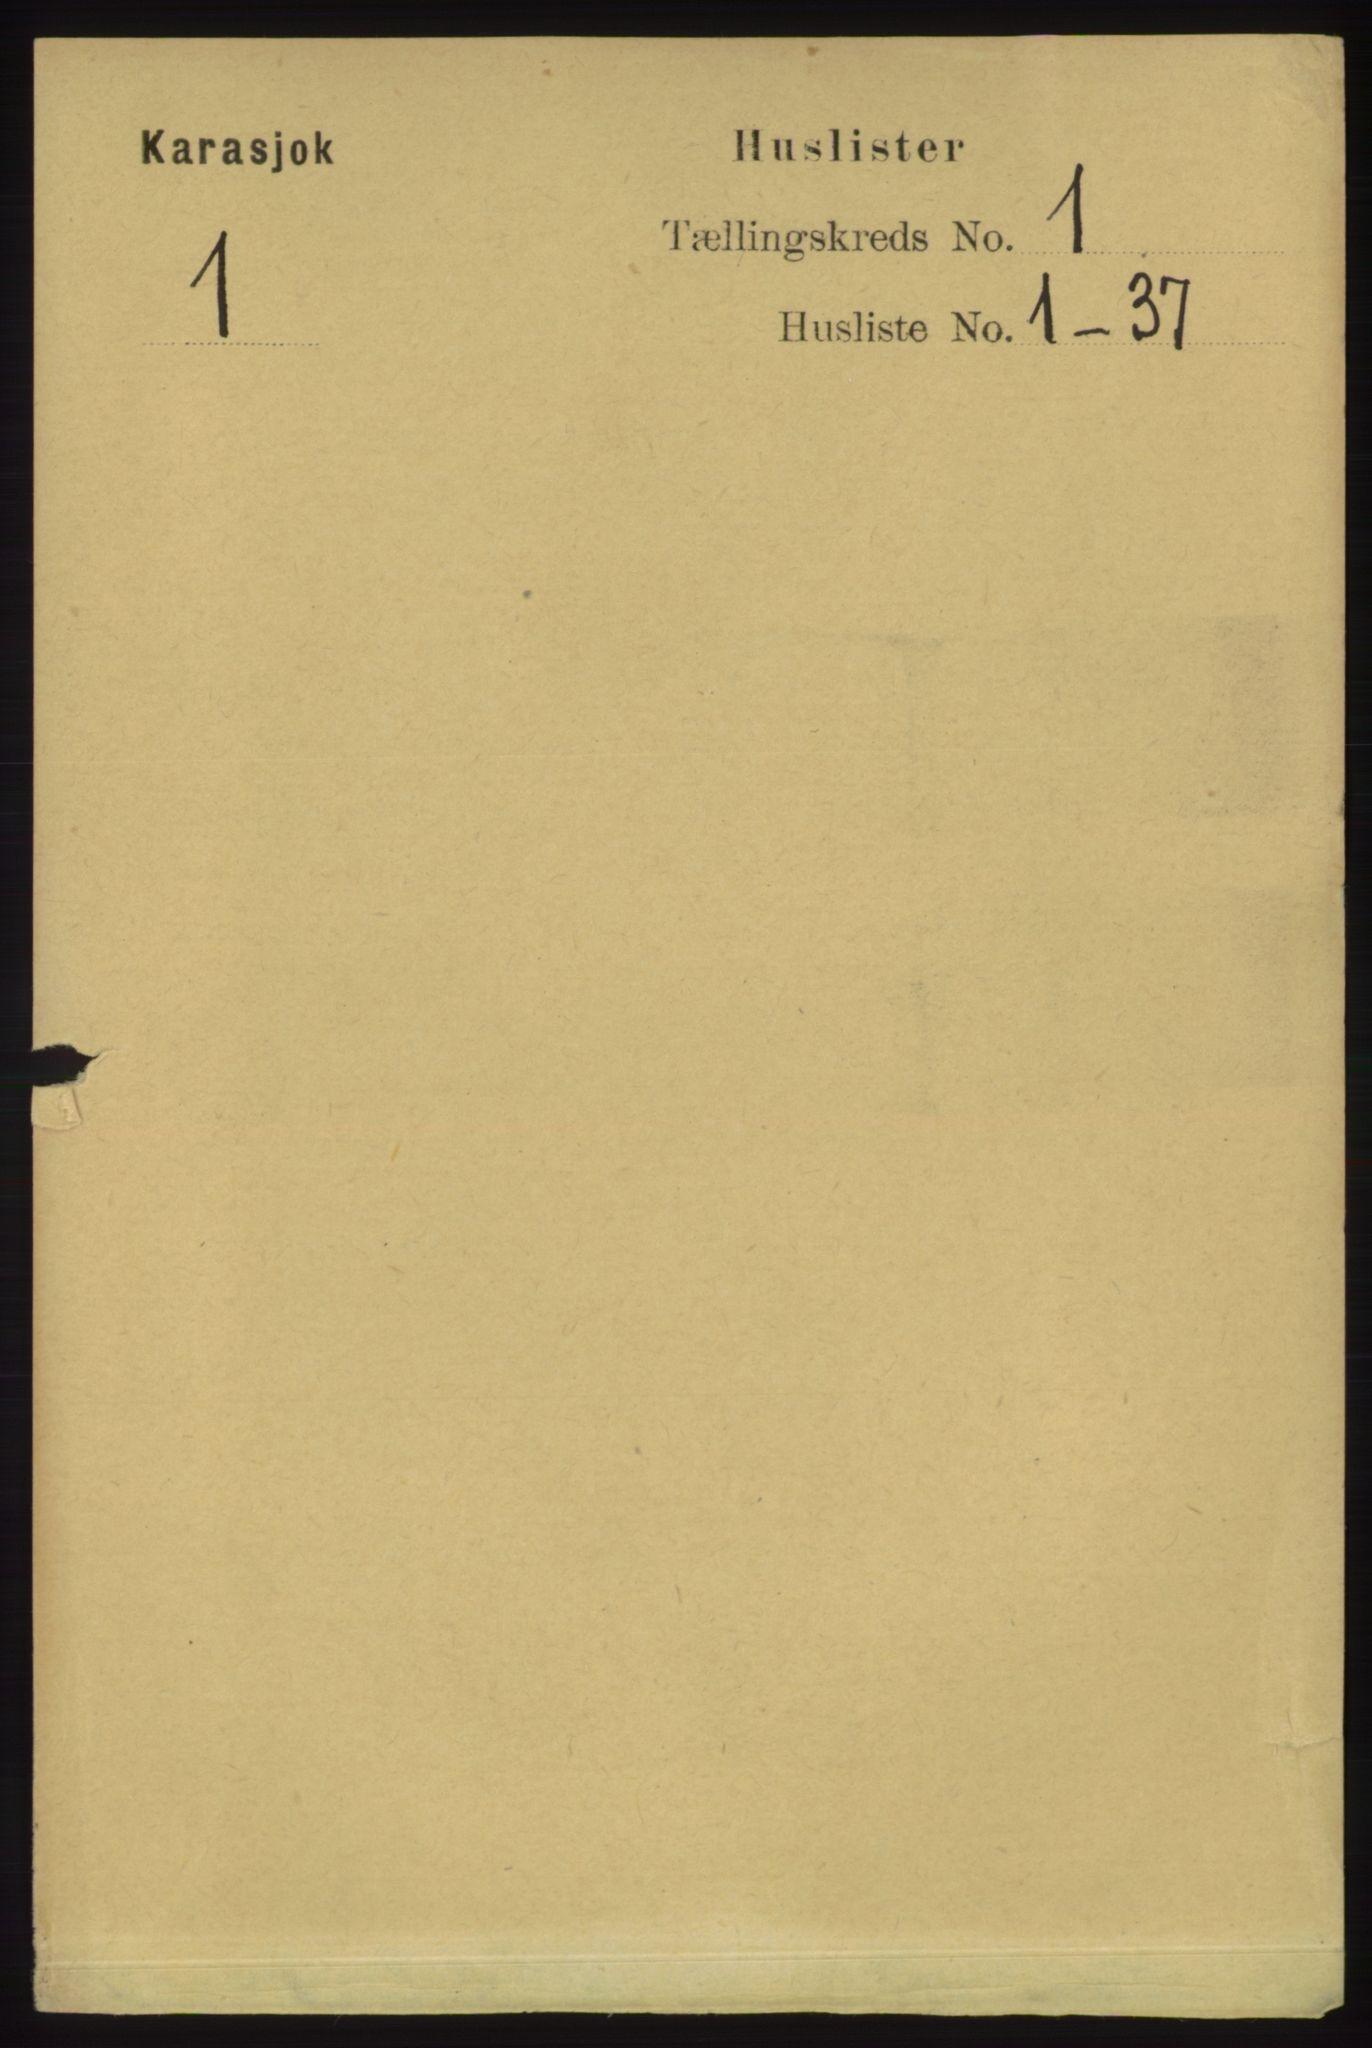 RA, Folketelling 1891 for 2021 Karasjok herred, 1891, s. 13